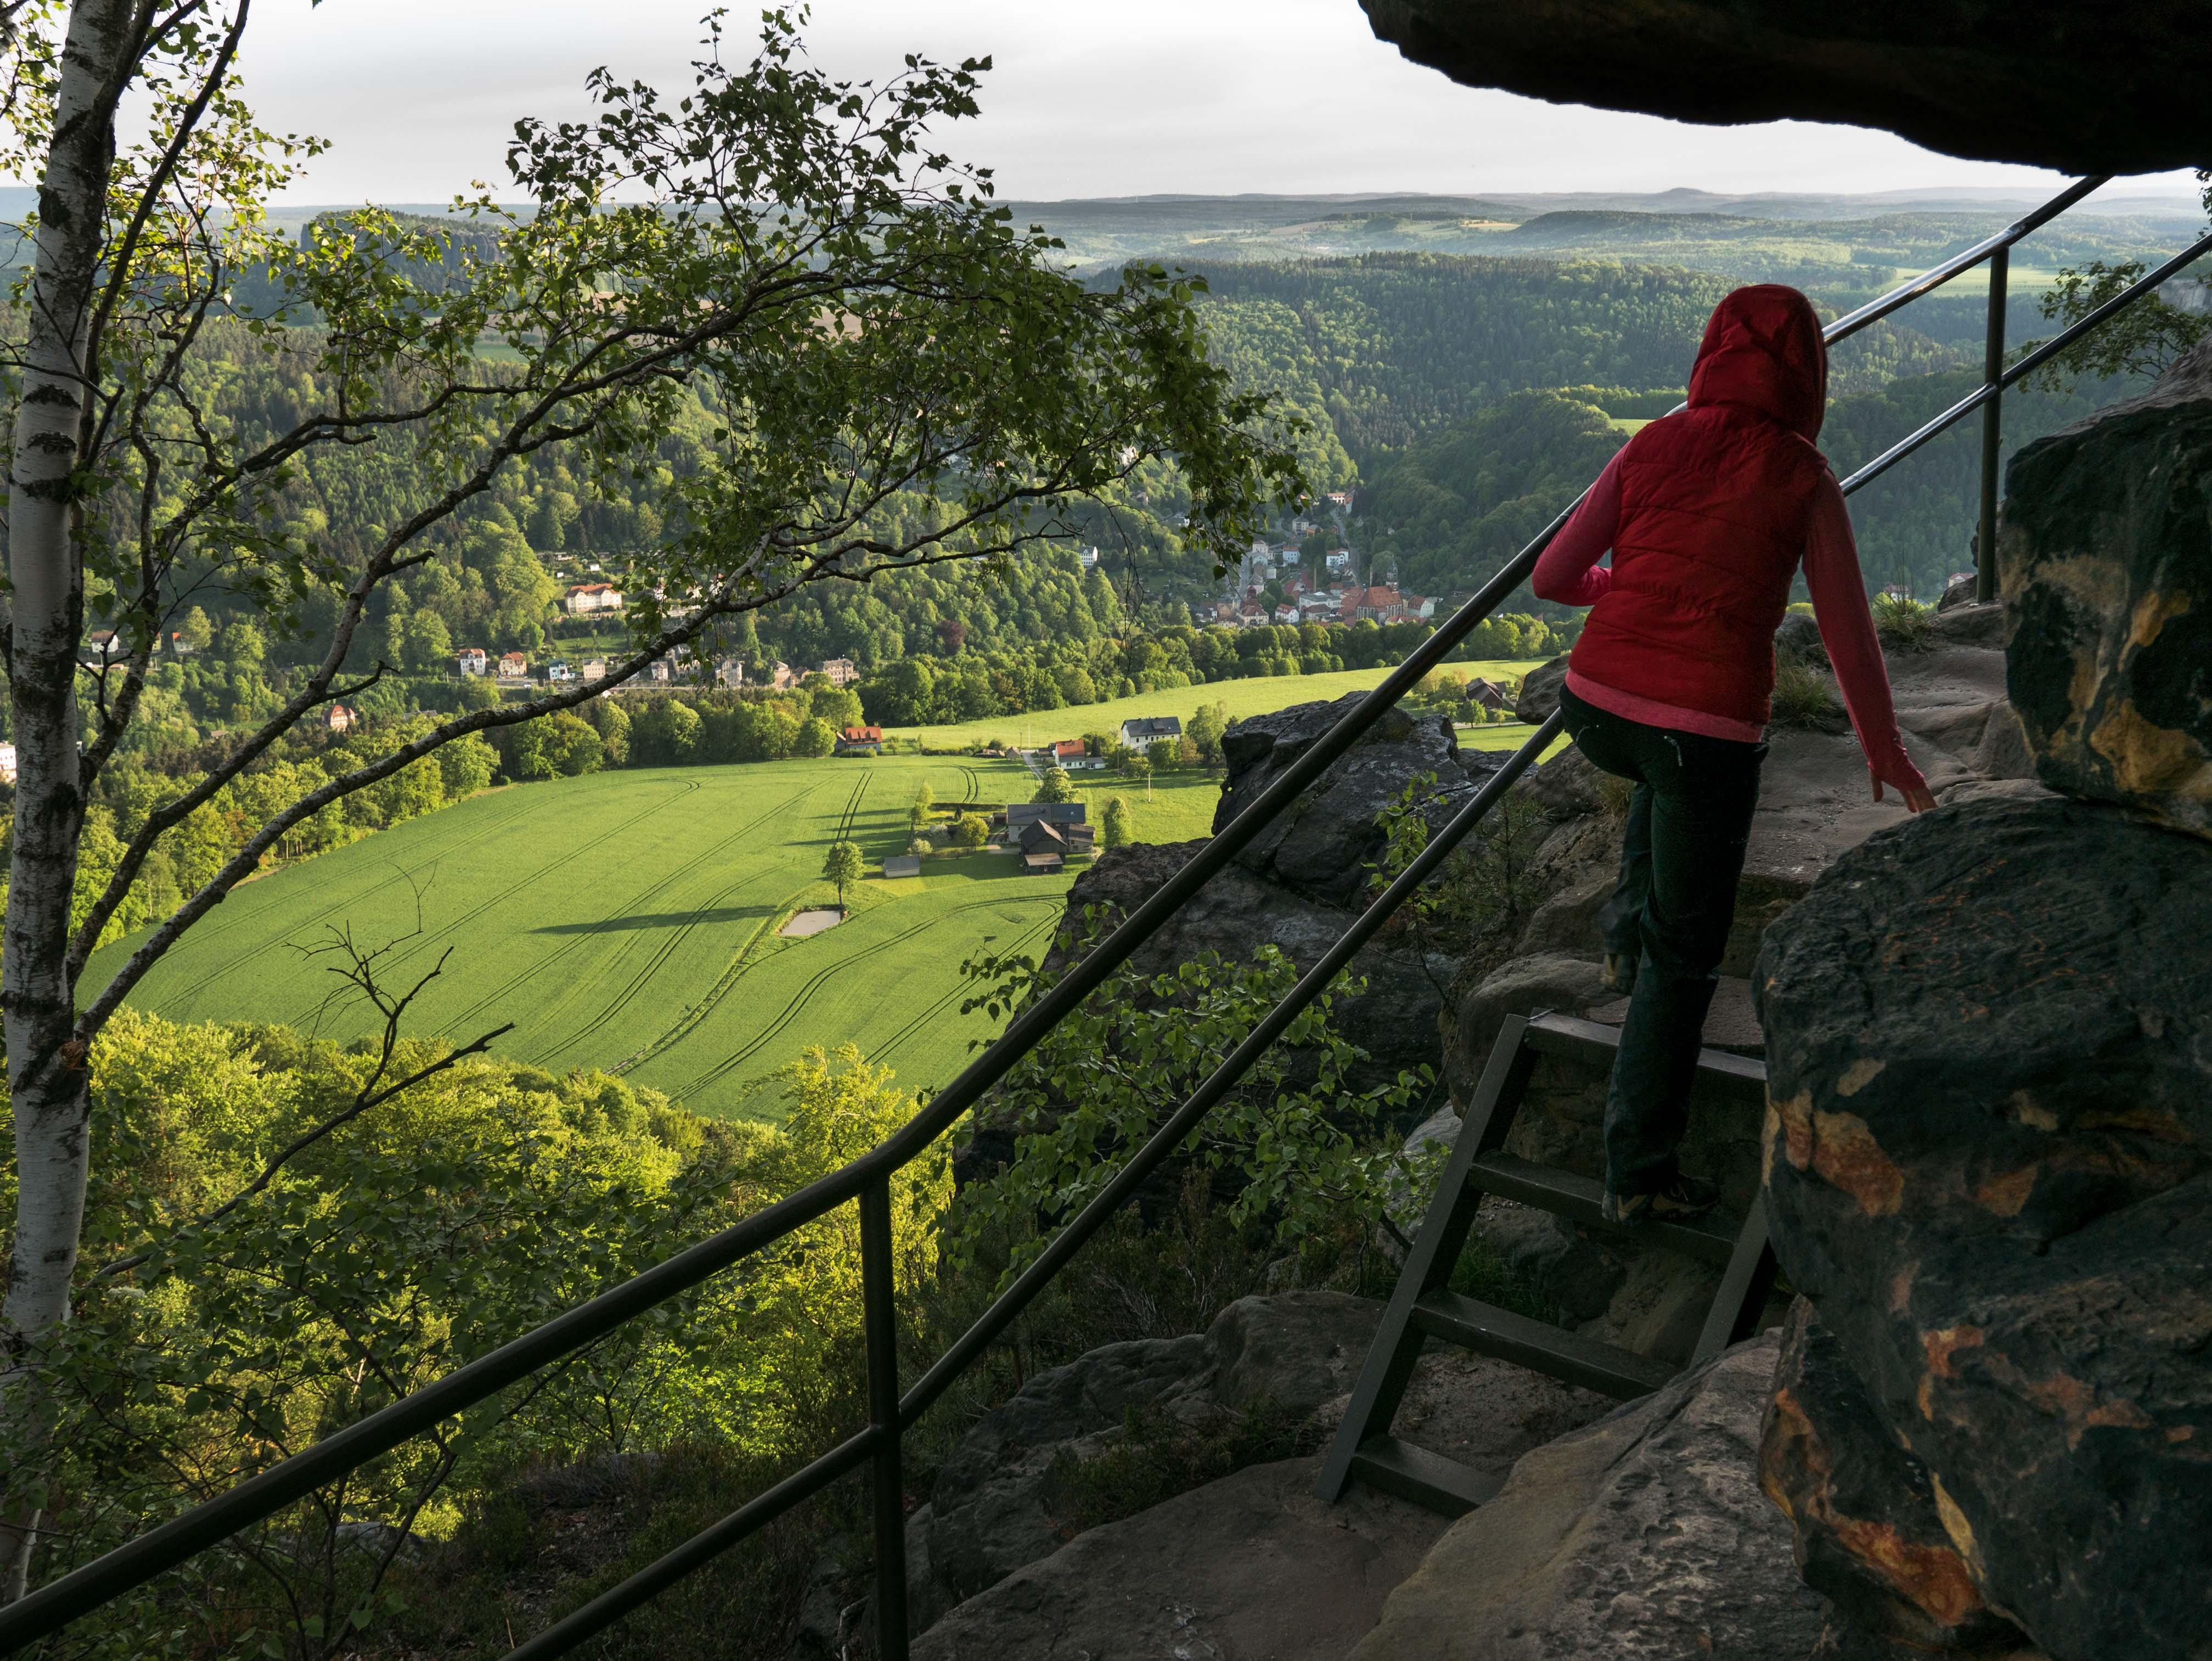 Szwajcaria Saksońska, Lillienstein